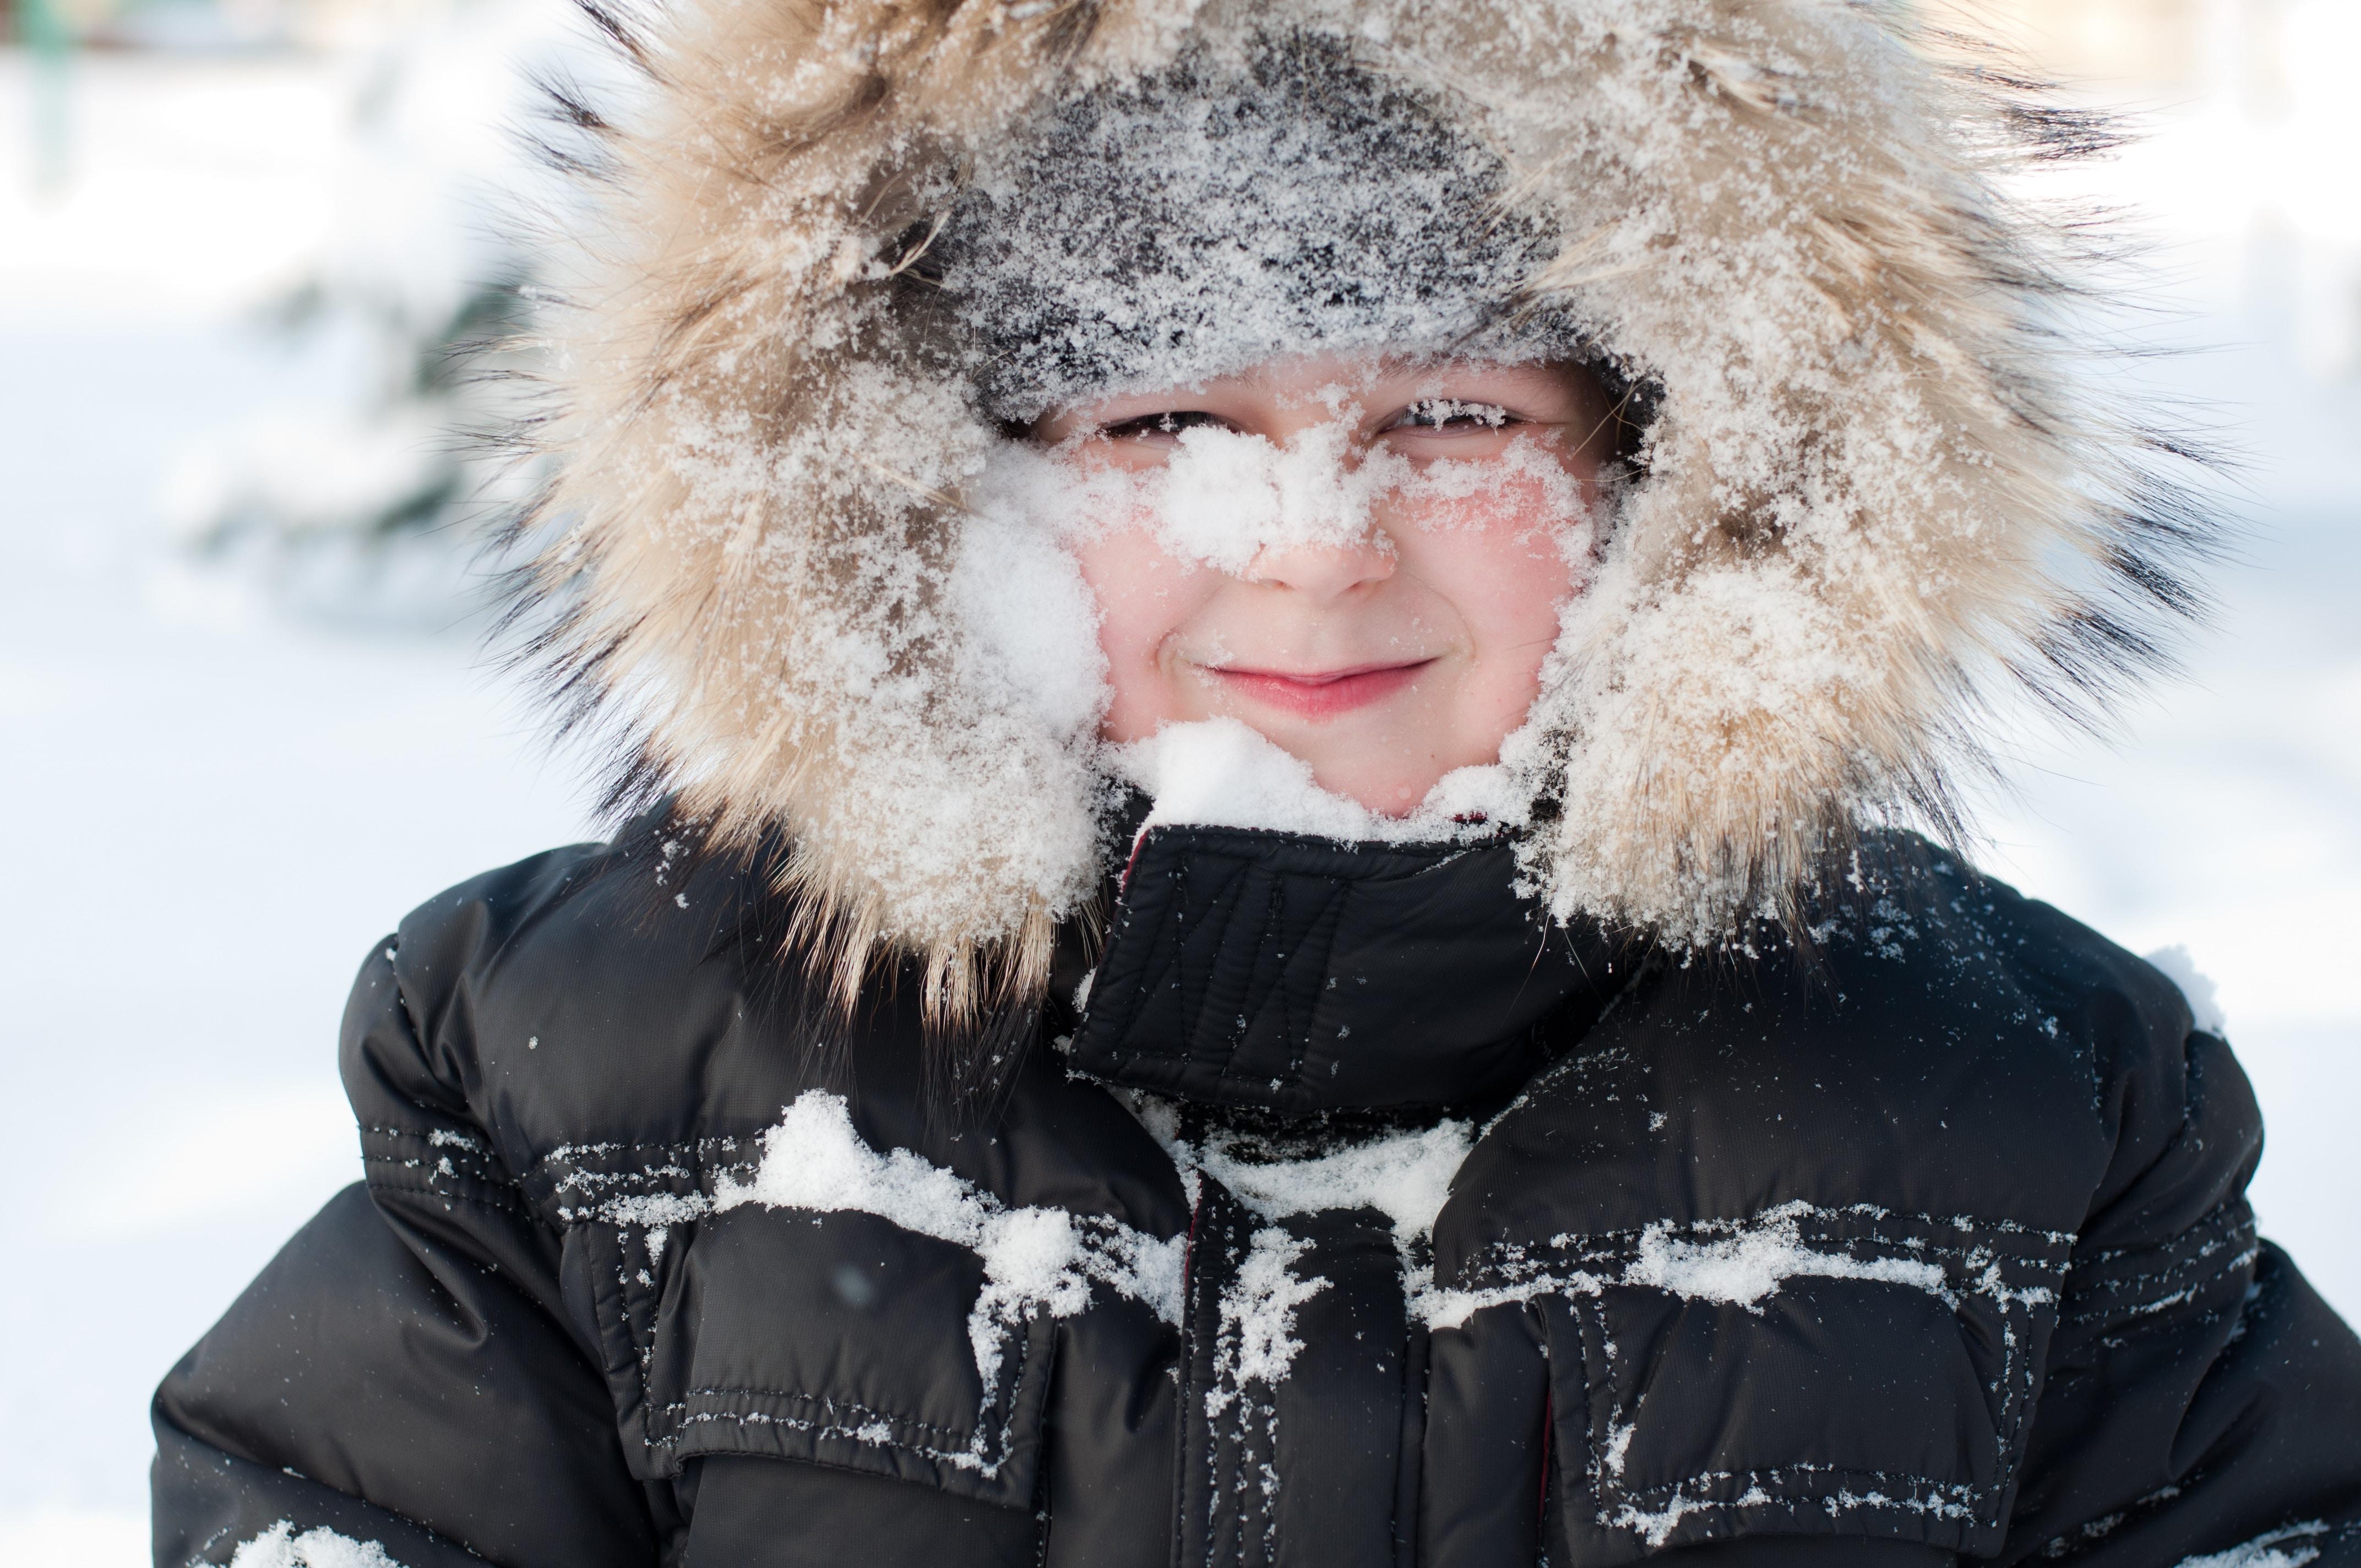 Снег на лице 21 фотография